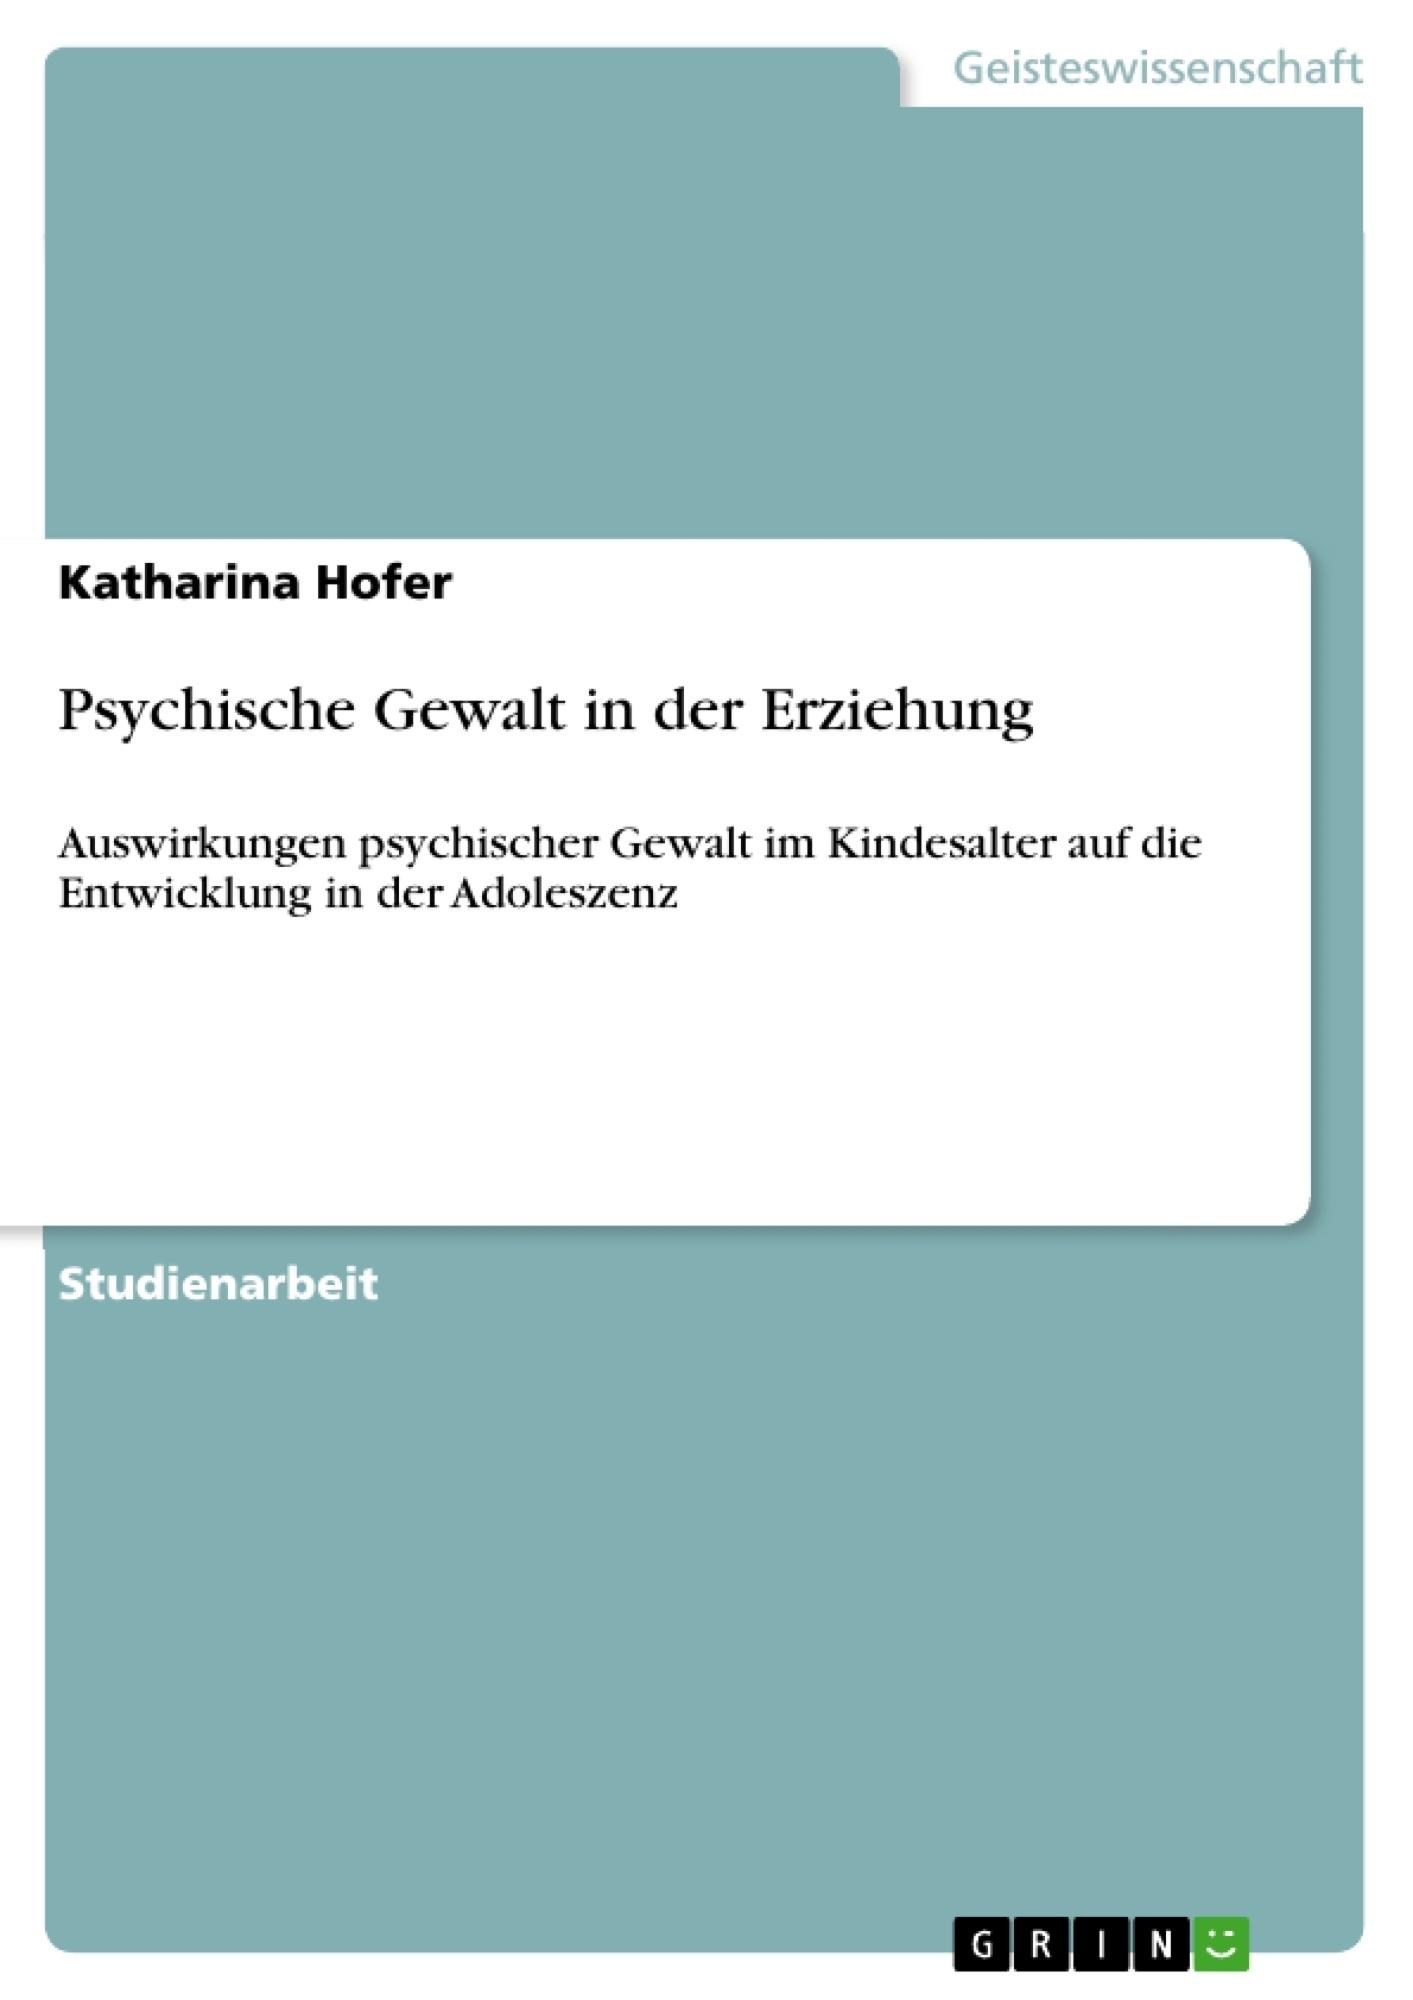 Titel: Psychische Gewalt in der Erziehung